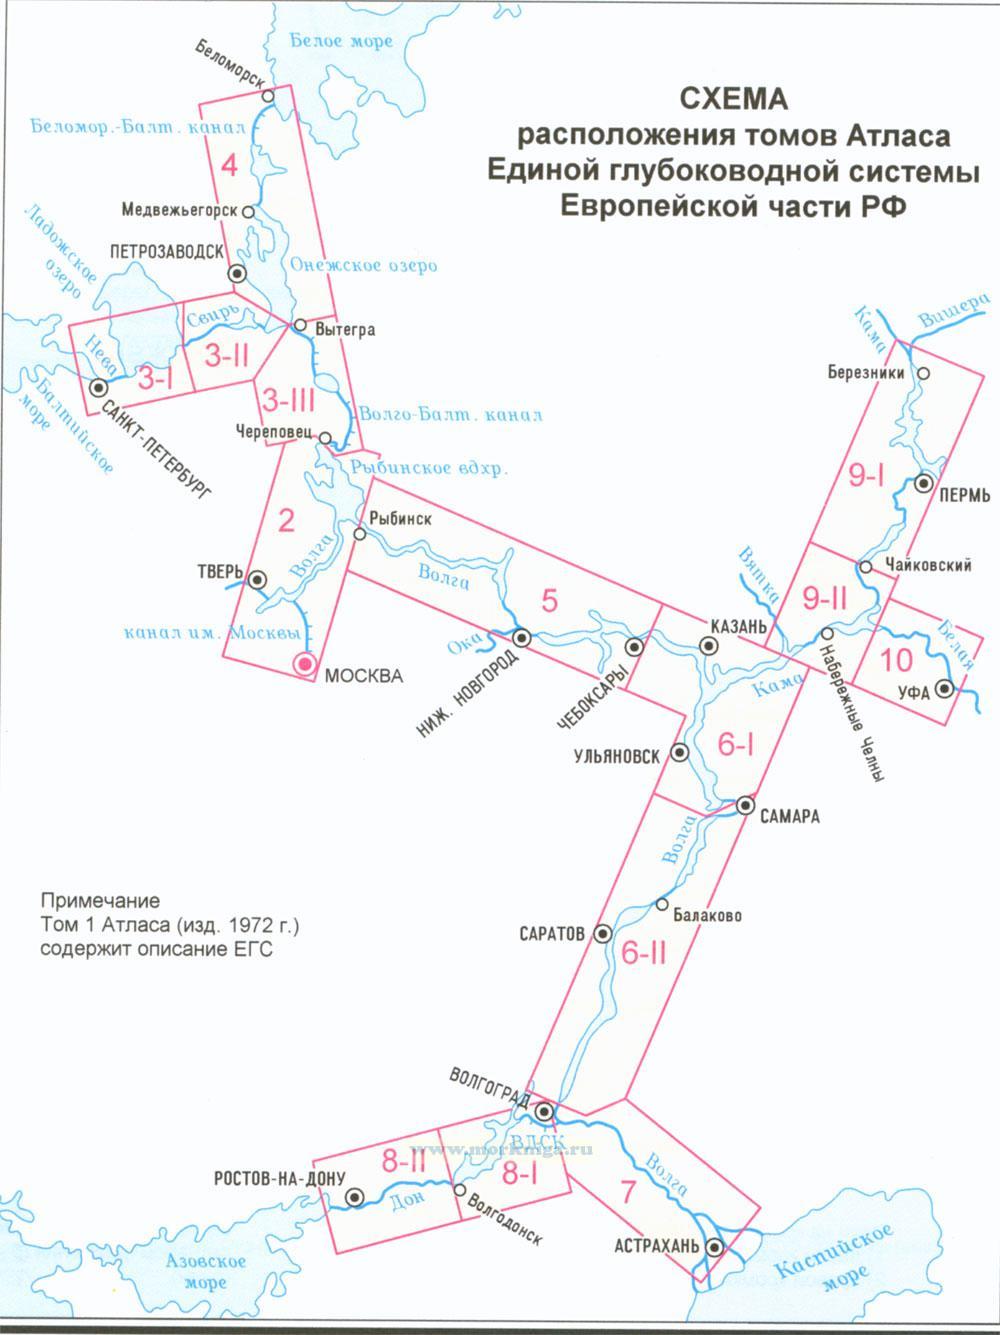 Атлас единой глубоководной системы Европейской части РФ. Том 3. Часть 1. Волго-Балтийский водный путь. Река Нева включая корректуру на начало навигации 2020 г.